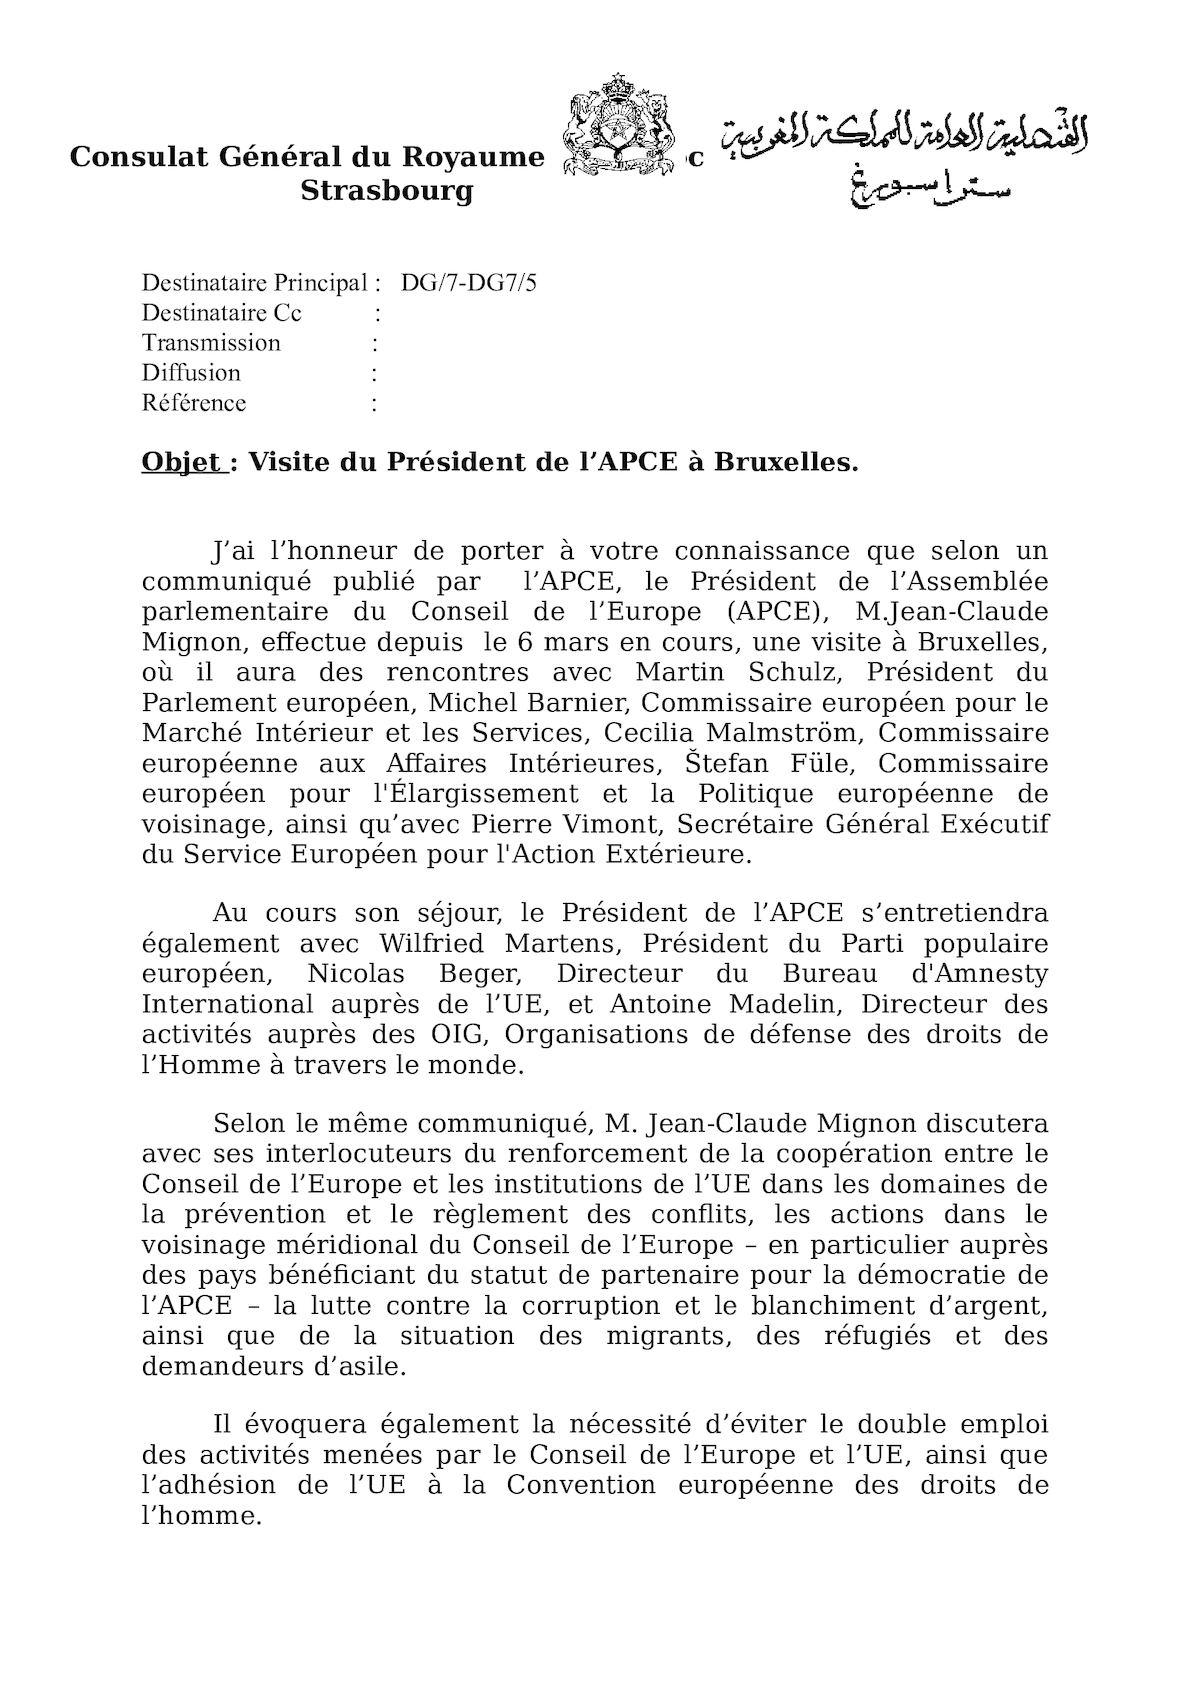 Courrier Visite Du Président De L'APCE A Bruxelles